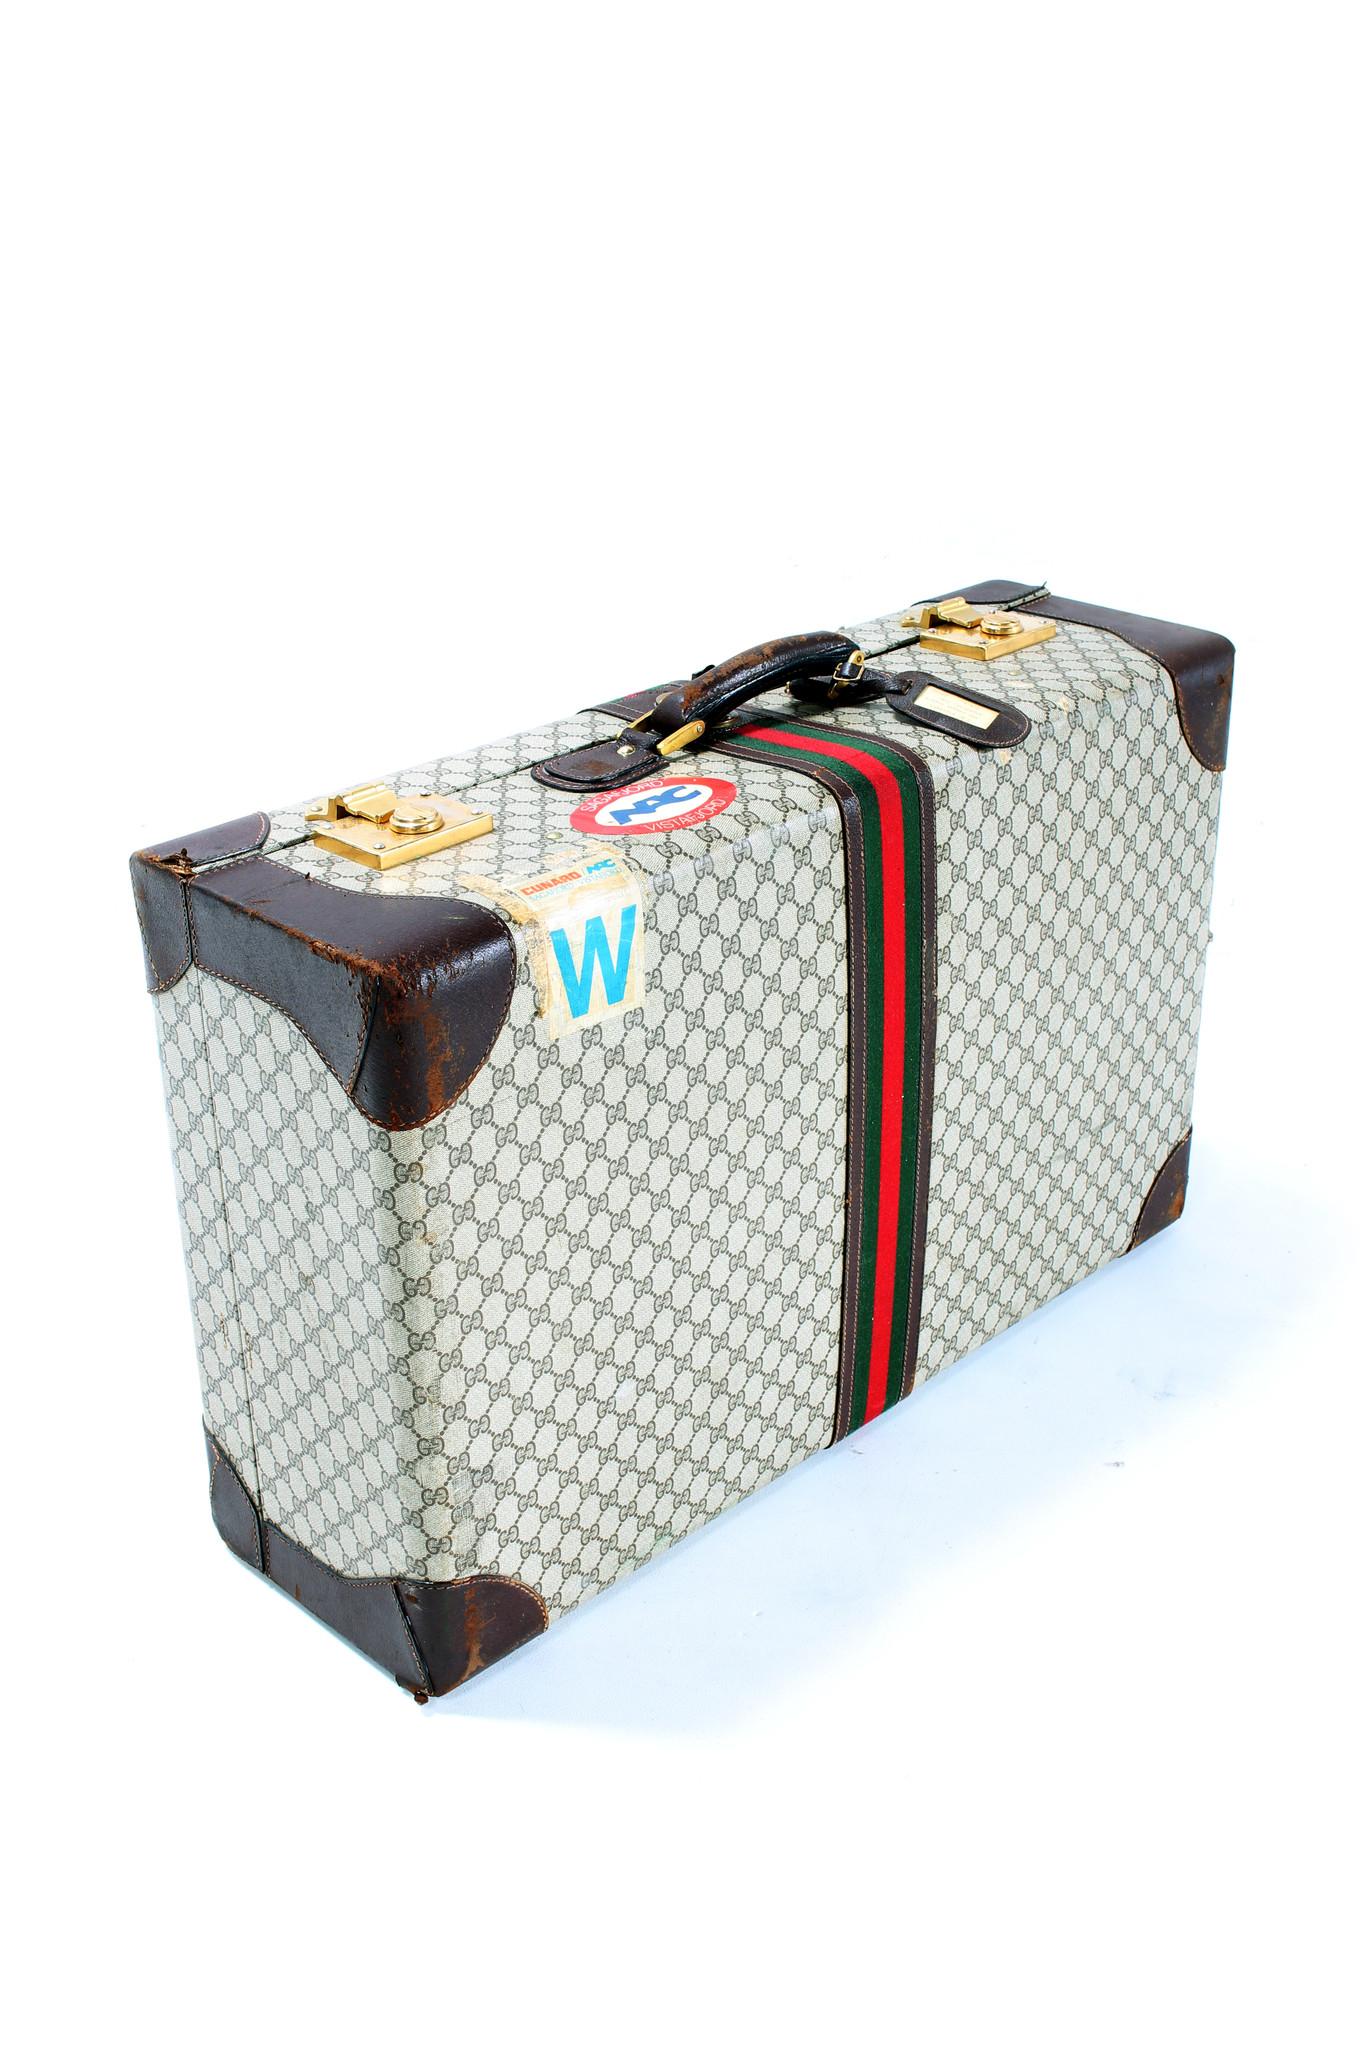 Gucci travel case, 1980